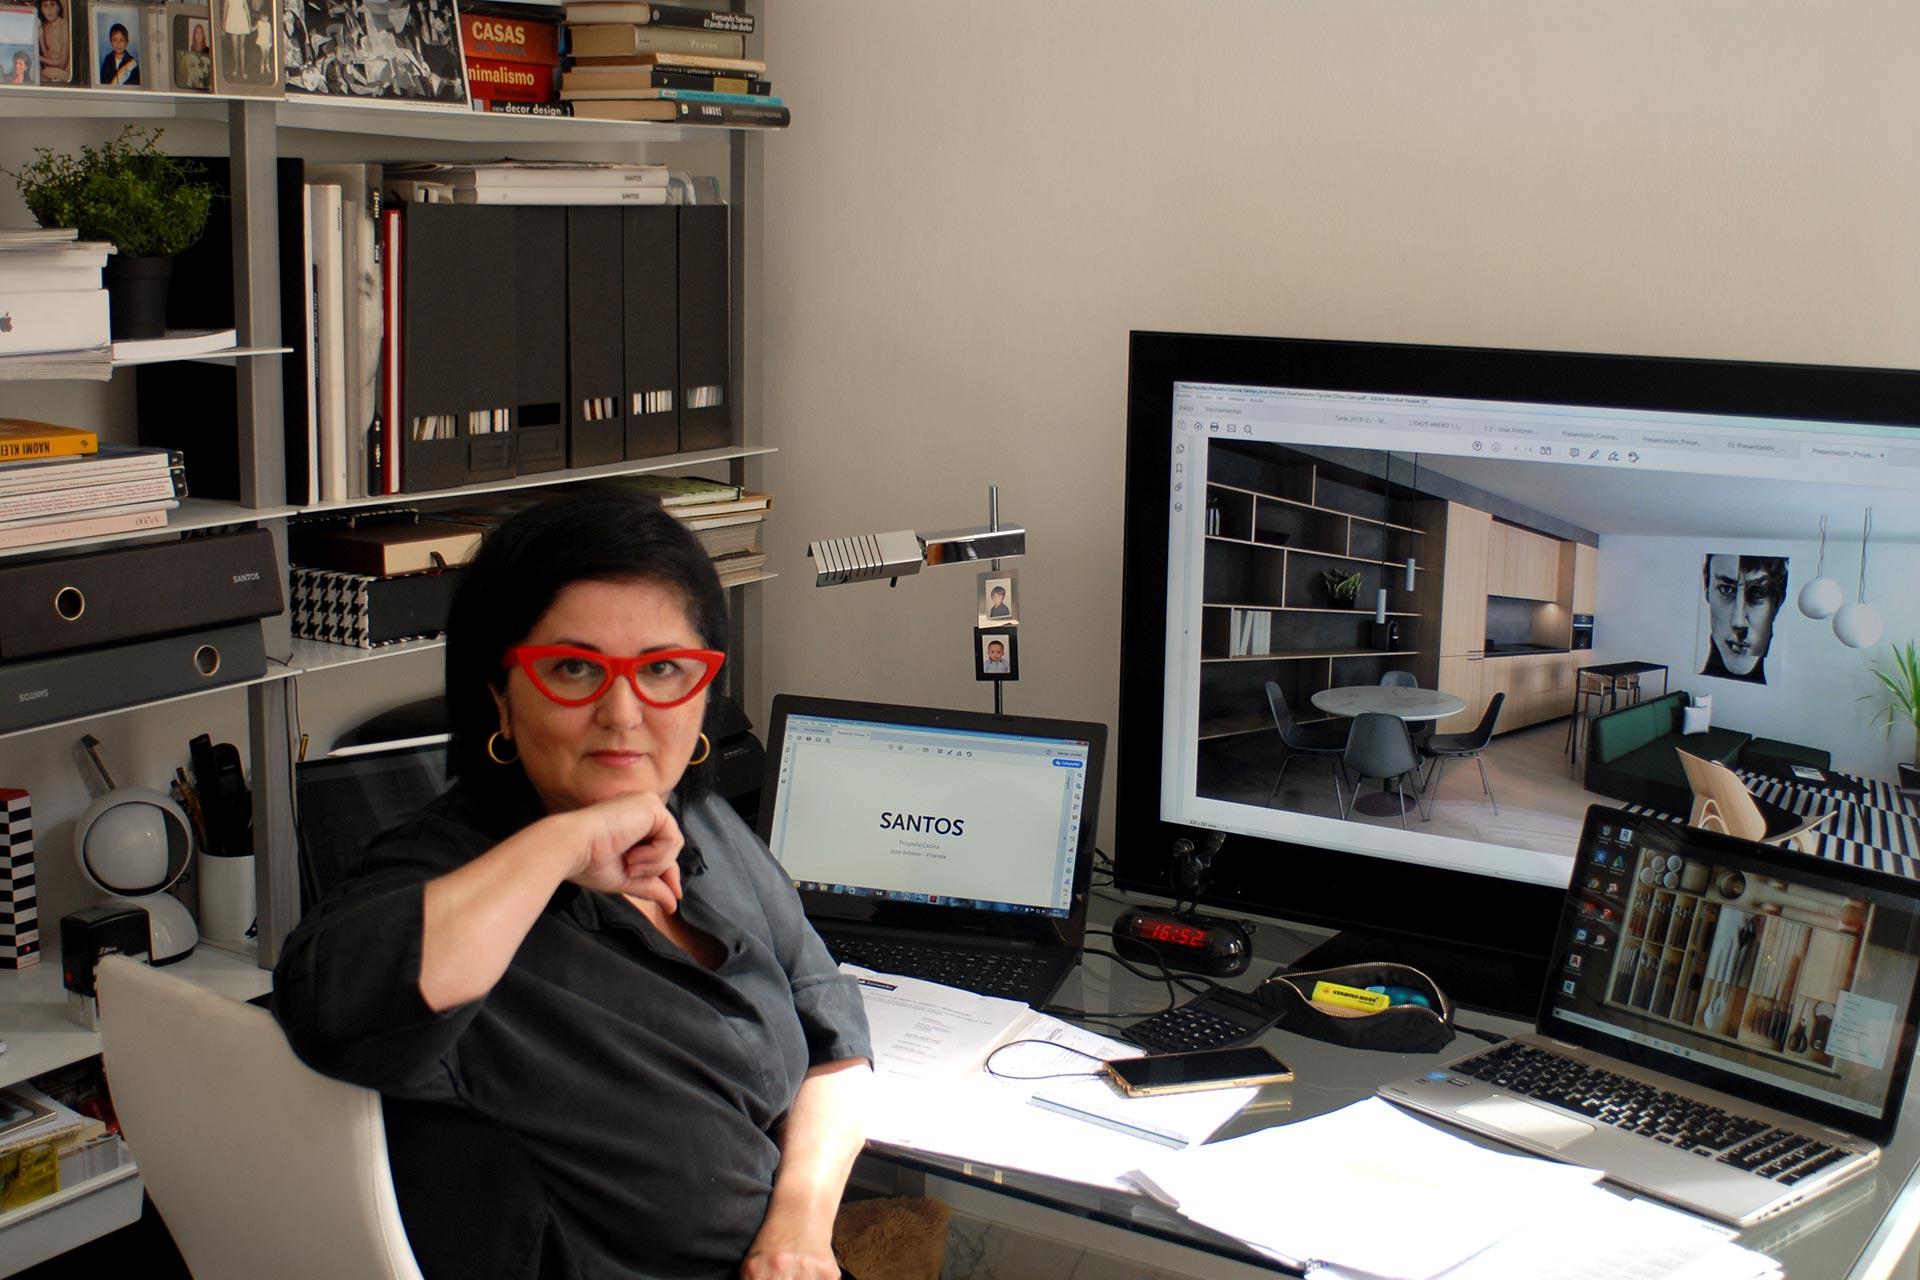 Rosario Martín Pérez, manager, administrator and interior designer at Zona de Día